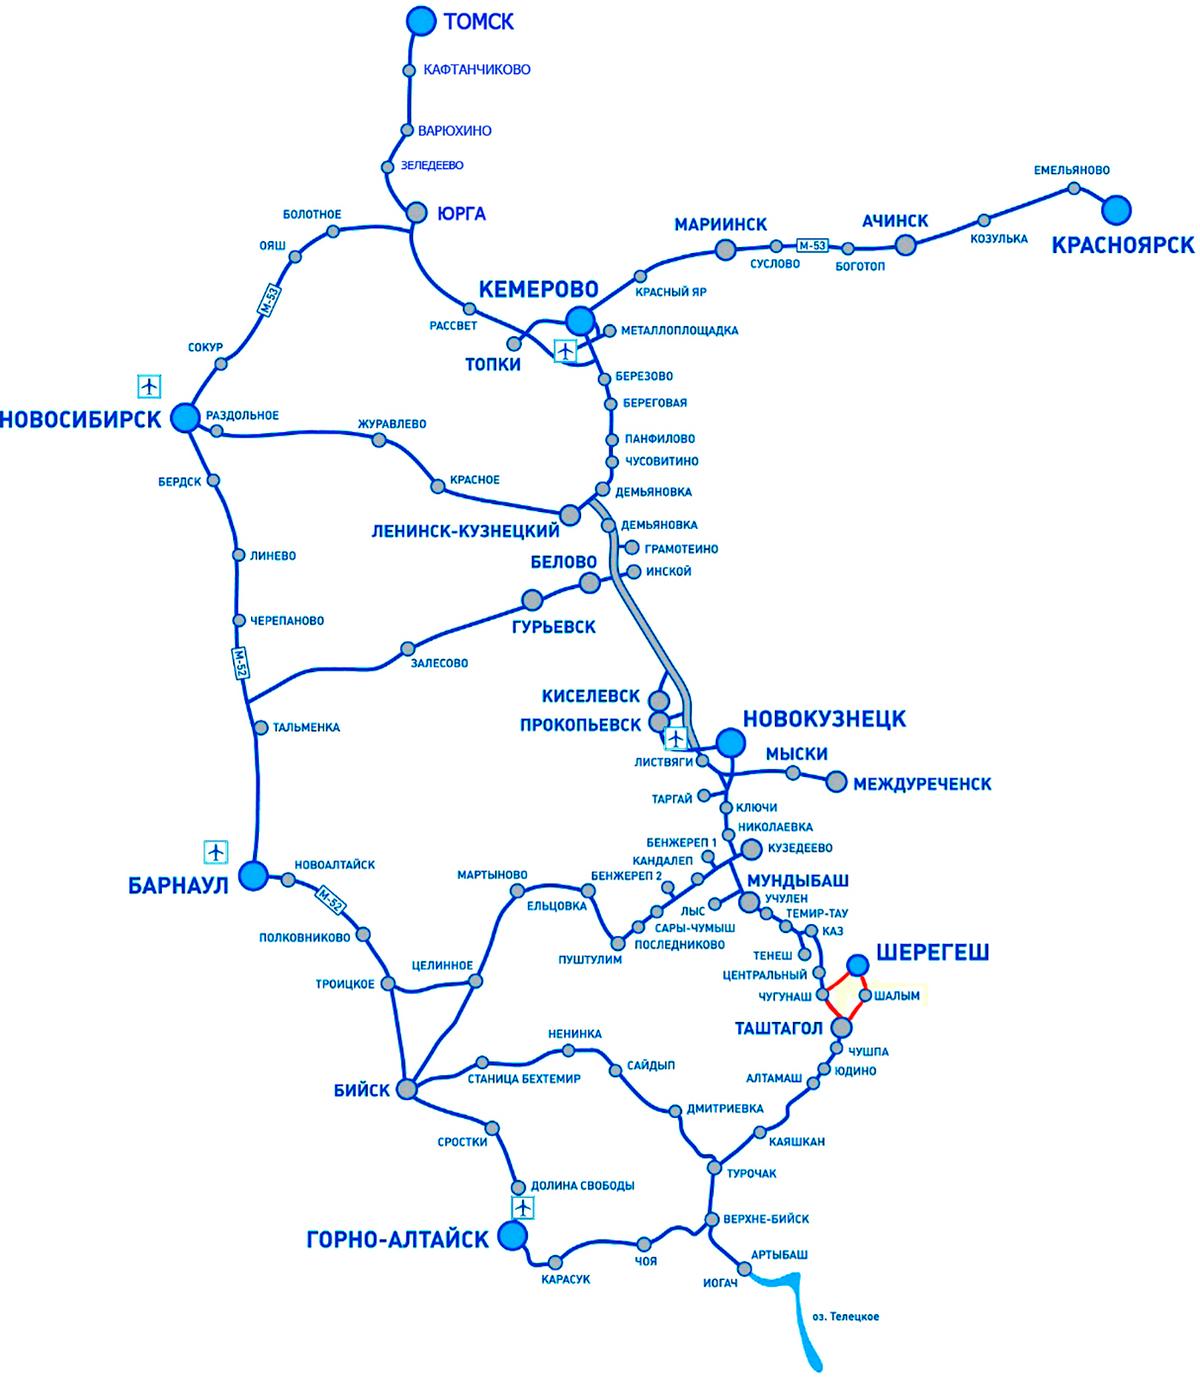 От Шерегеша до Горно-Алтайска — 260 км, до Барнаула — 401 км, до Новокузнецка — 161 км, до Новосибирска — 526 км, до Кемерова — 372 км. Источник: shoria.su